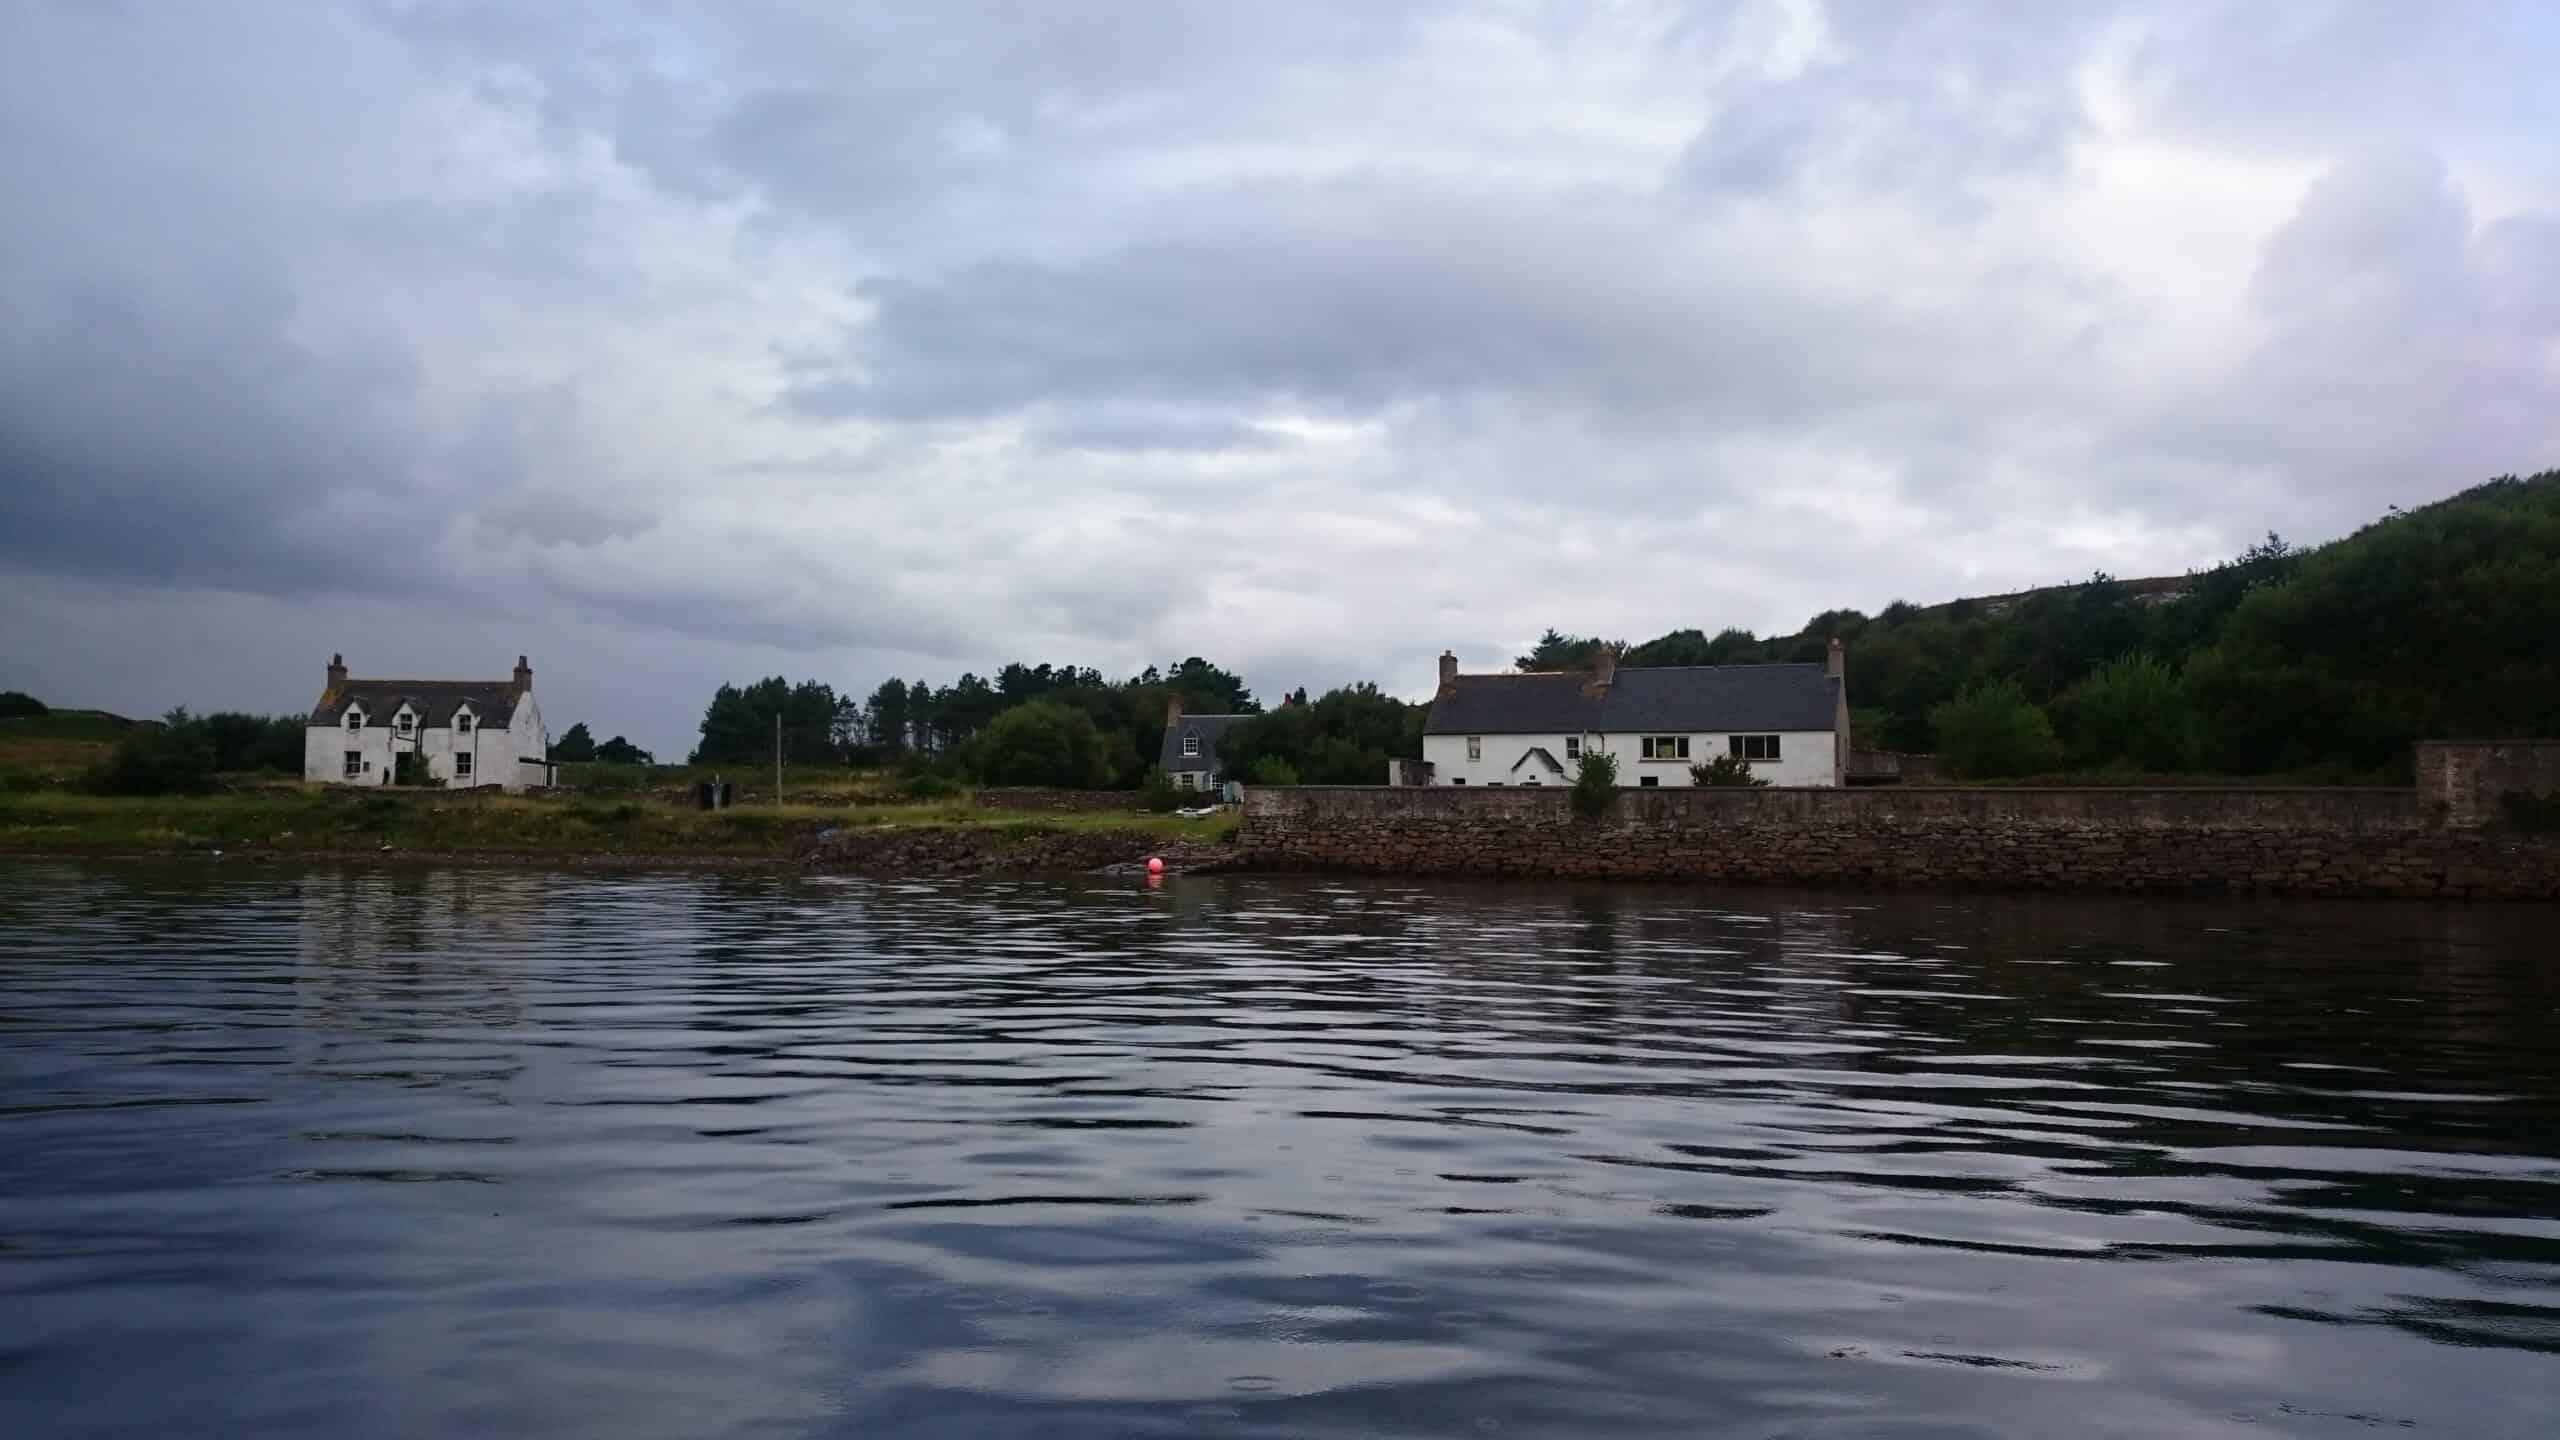 House on Isle Martin